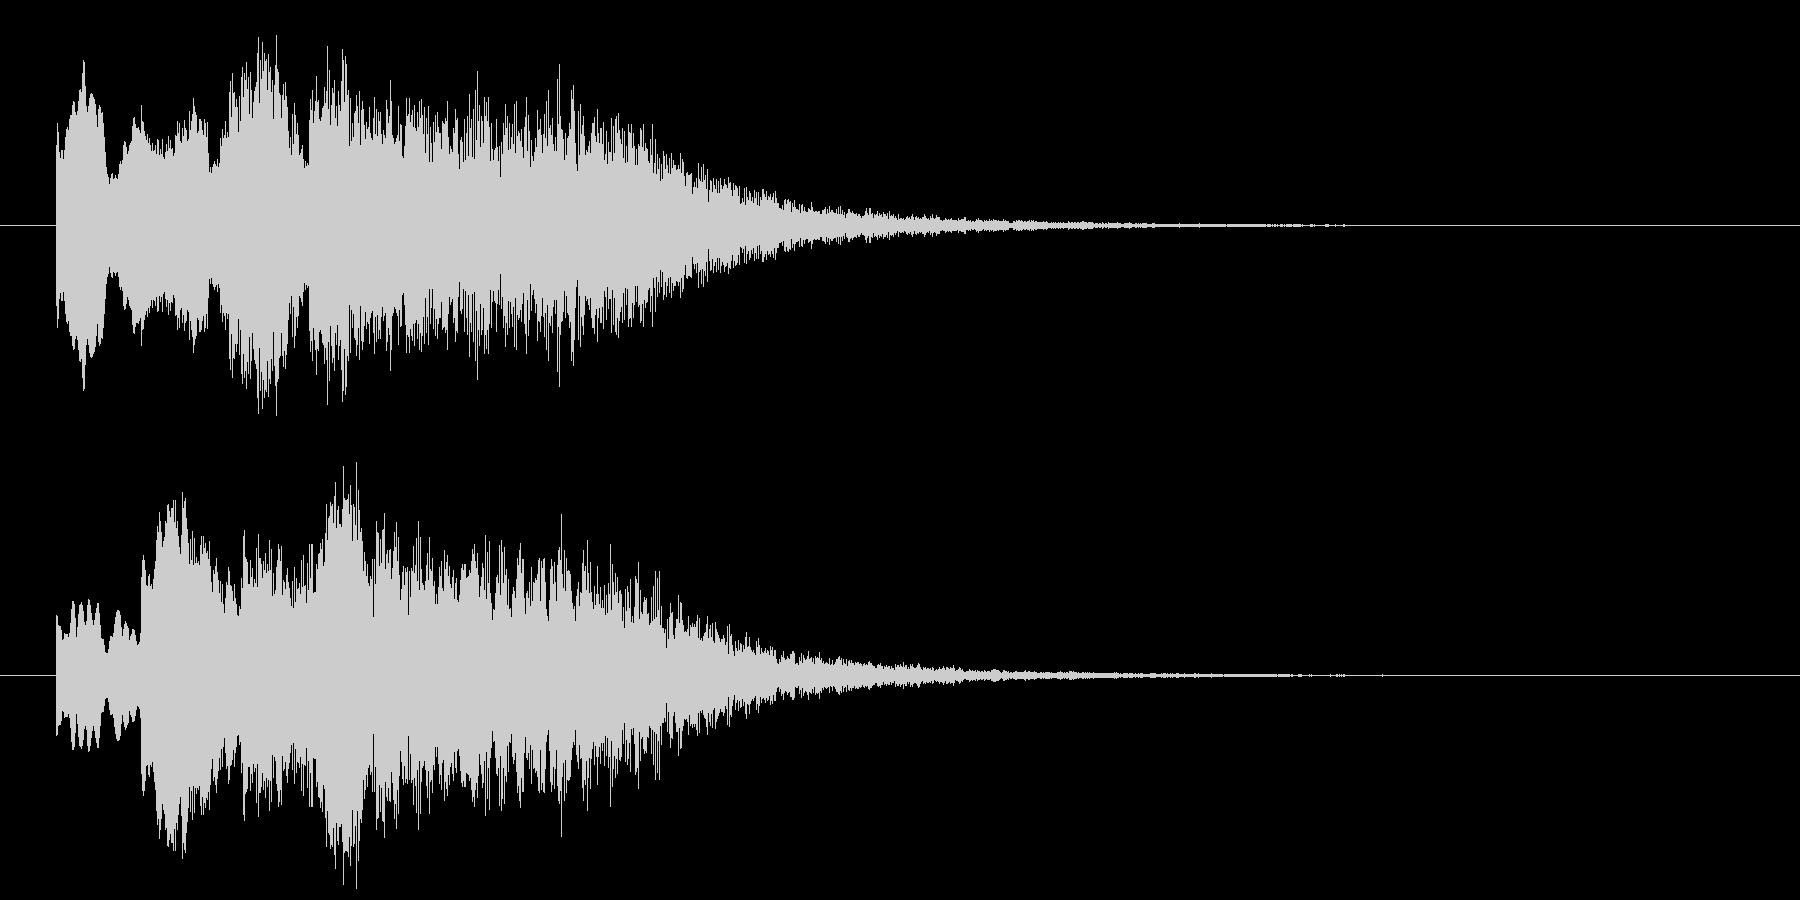 古いパソコンの終了音風ジングル4の未再生の波形